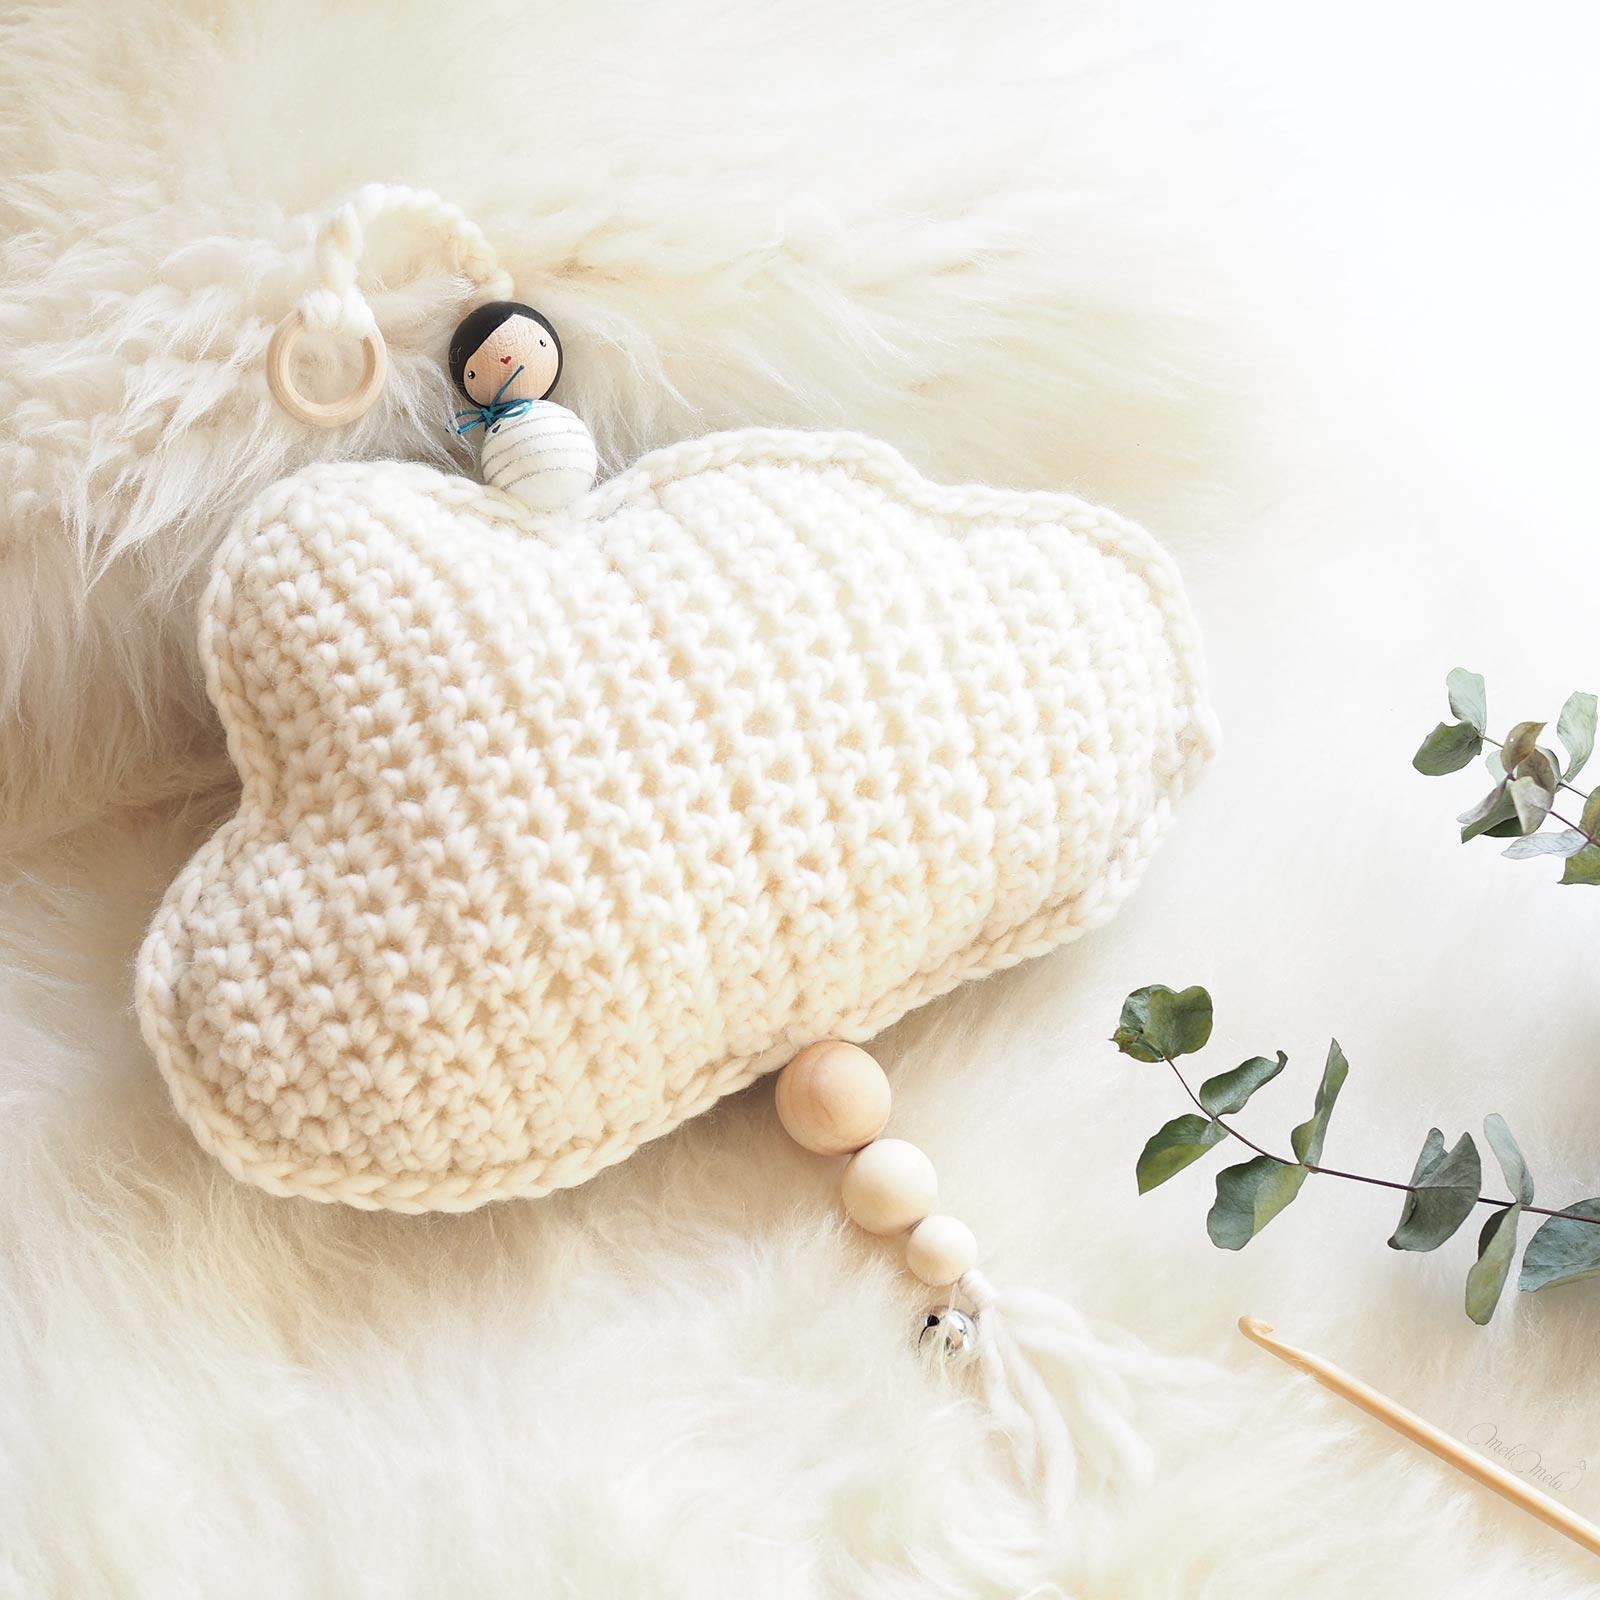 cadeau naissance décoration mobile nuage blanc laine weareknitters lespoisplumes laboutiquedemelimelo